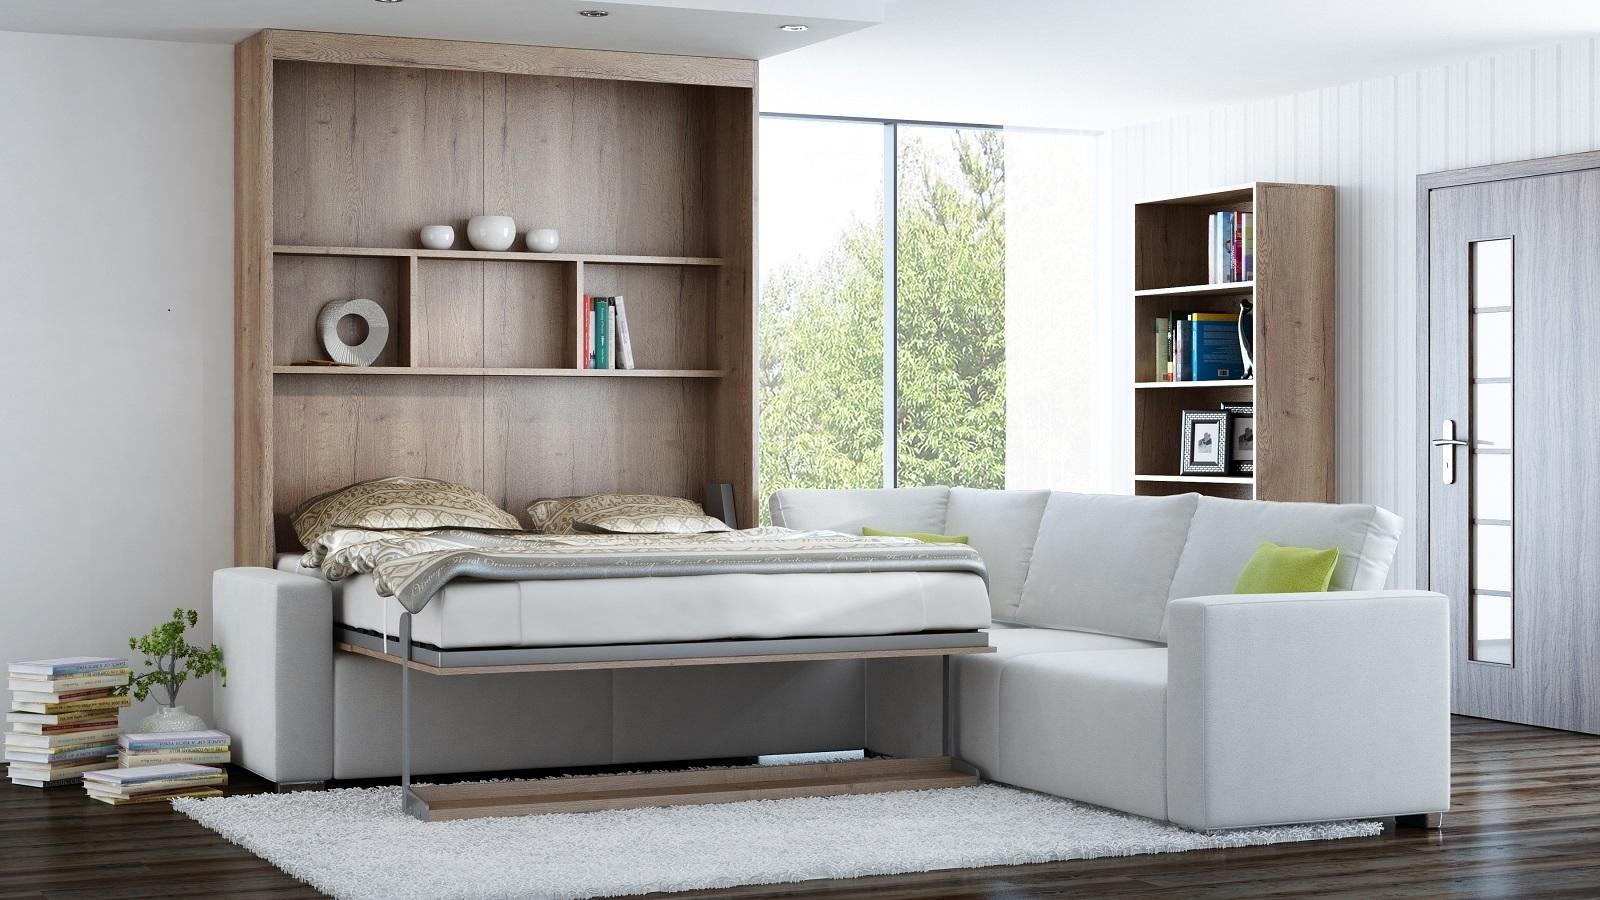 ts m bel wandbett mit sofa ecke leggio linea std std 160 x 200 cm. Black Bedroom Furniture Sets. Home Design Ideas